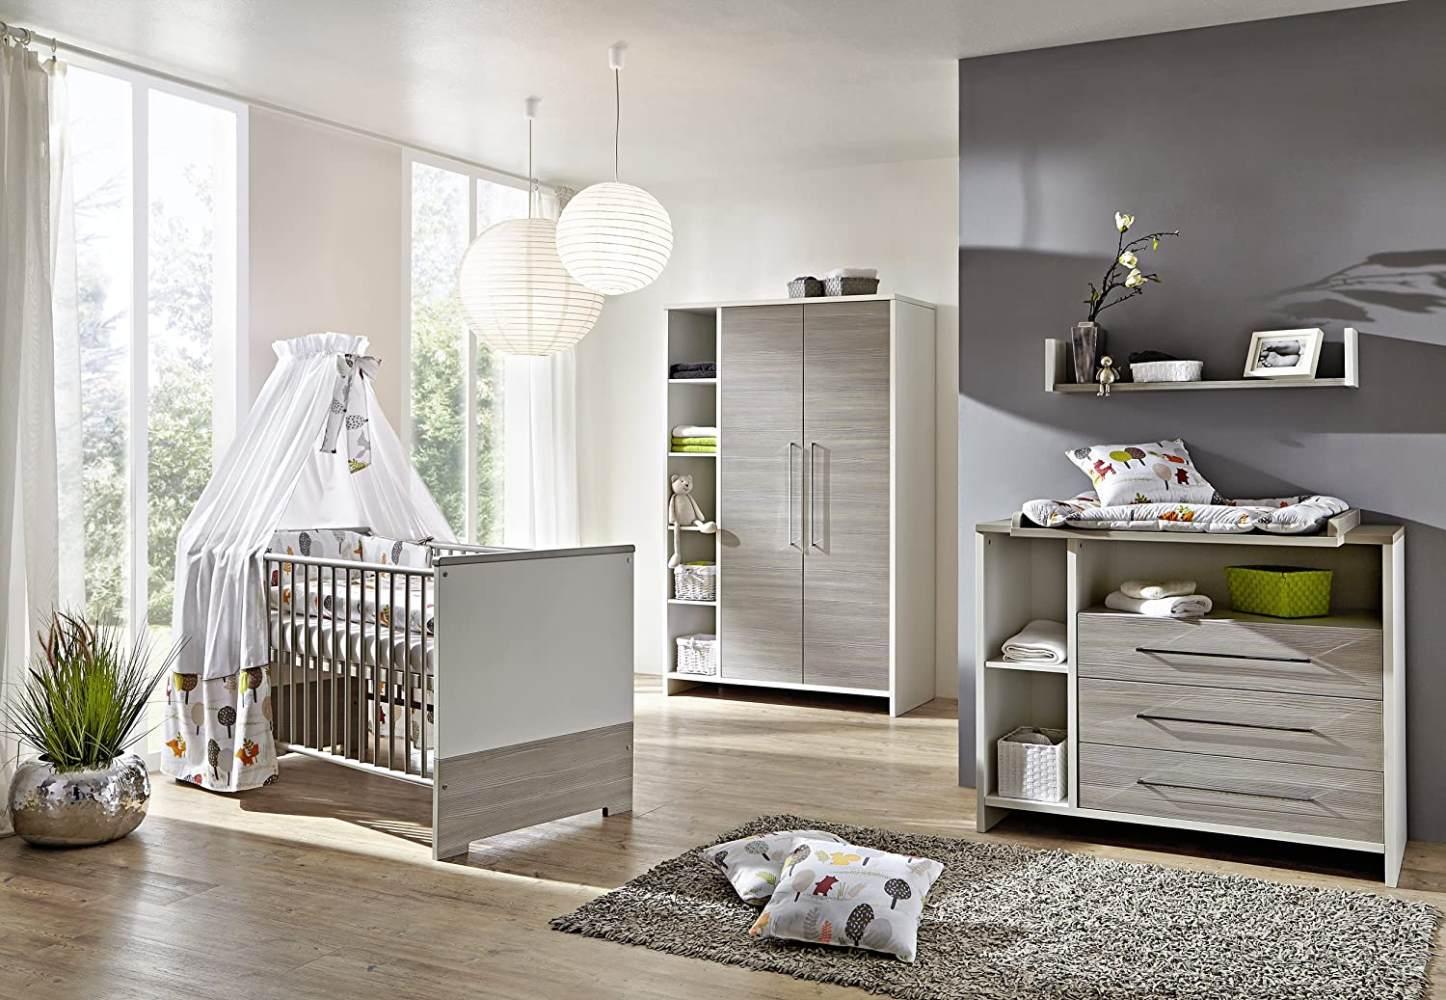 Schardt 'Eco Silber' 3-tlg. Babyzimmer-Set Kinderbett, Schrank 2-türig und Kommode Bild 1